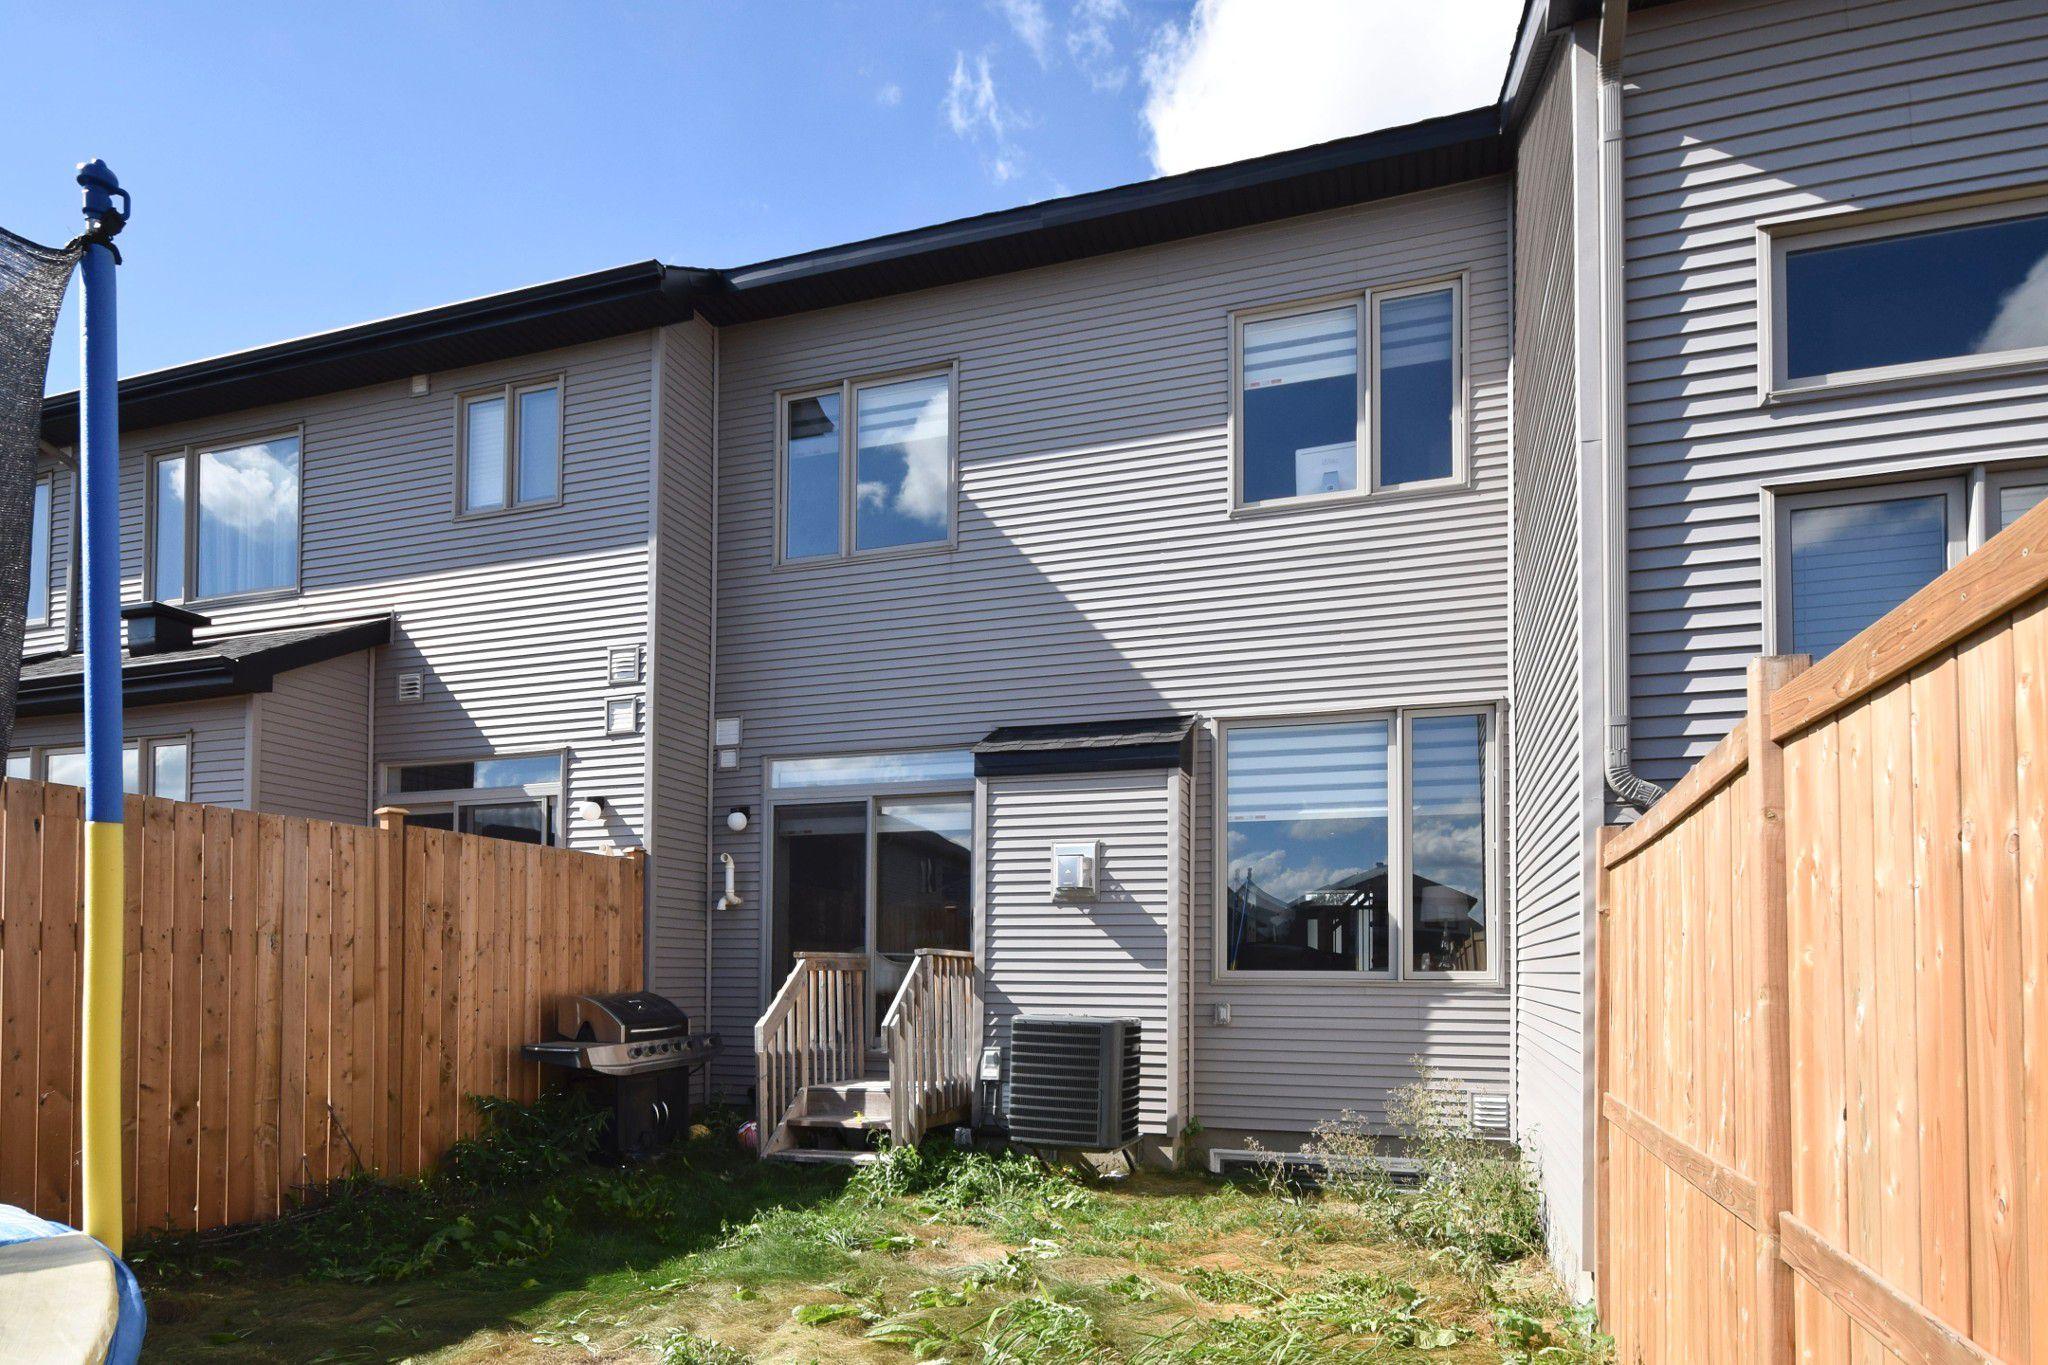 Photo 58: Photos: 301 Livery Street Stittsville Ottawa ON 255